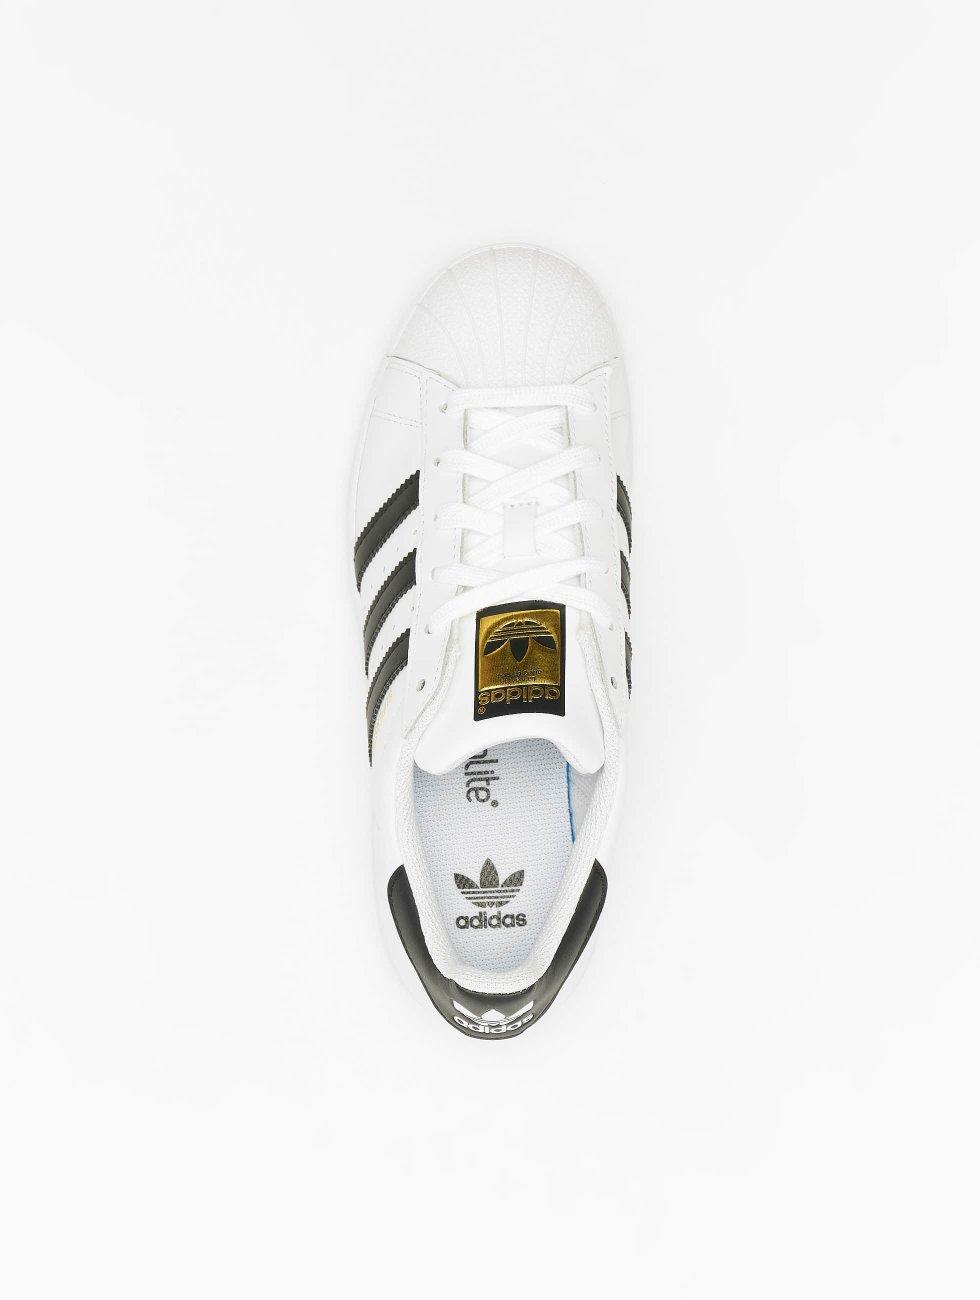 Adidas Originals Superstar Chaussures / Baskets En Blanc 170079 Prix Wiki Pas Cher Vente Finishline Livraison Gratuite Site Officiel Propre Et Classique XtfStb